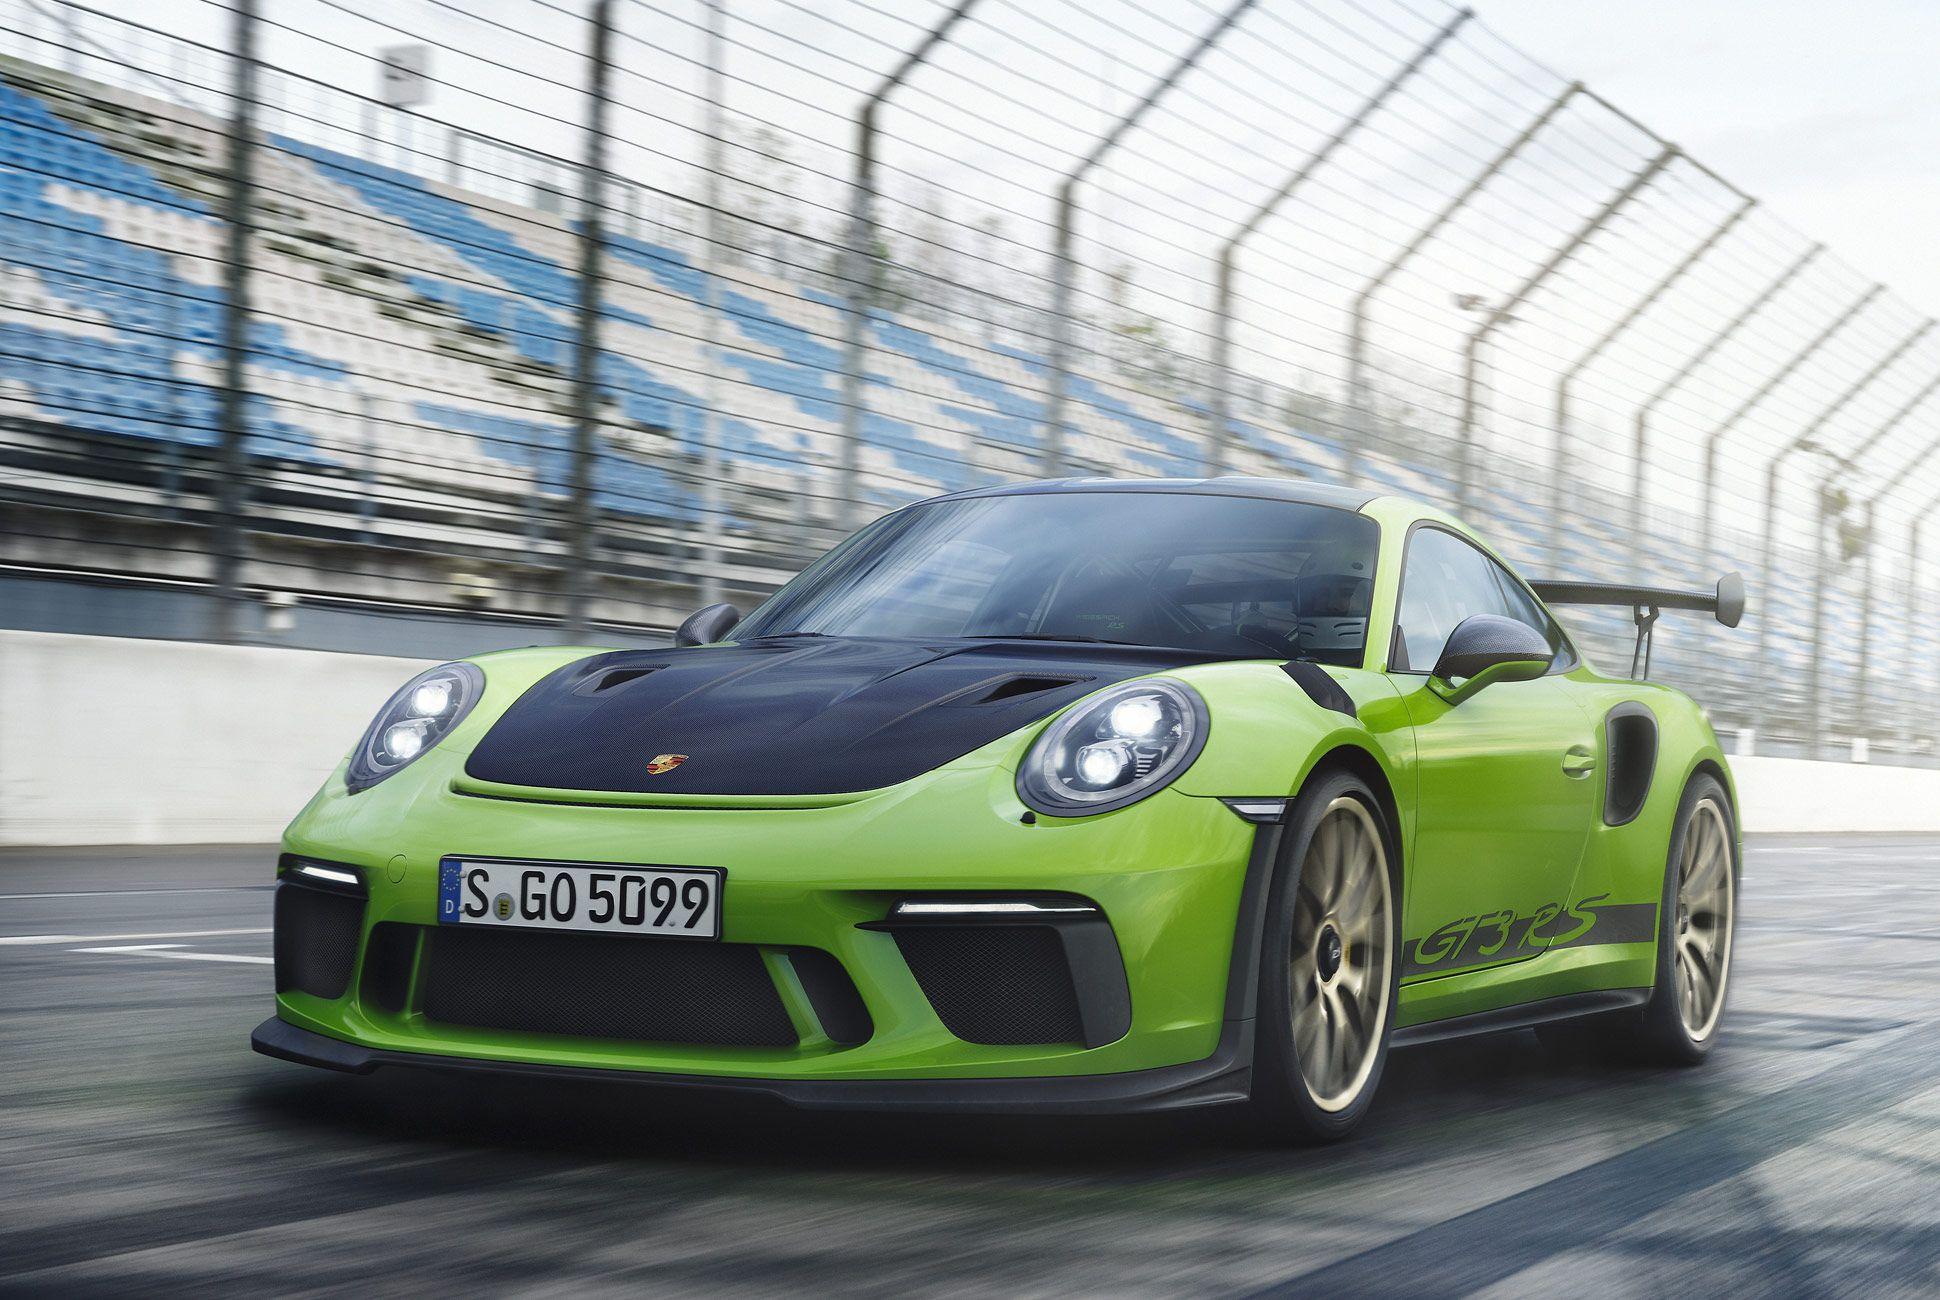 Porsche-911-GT3-RS-991-gear-patrol-slide-3